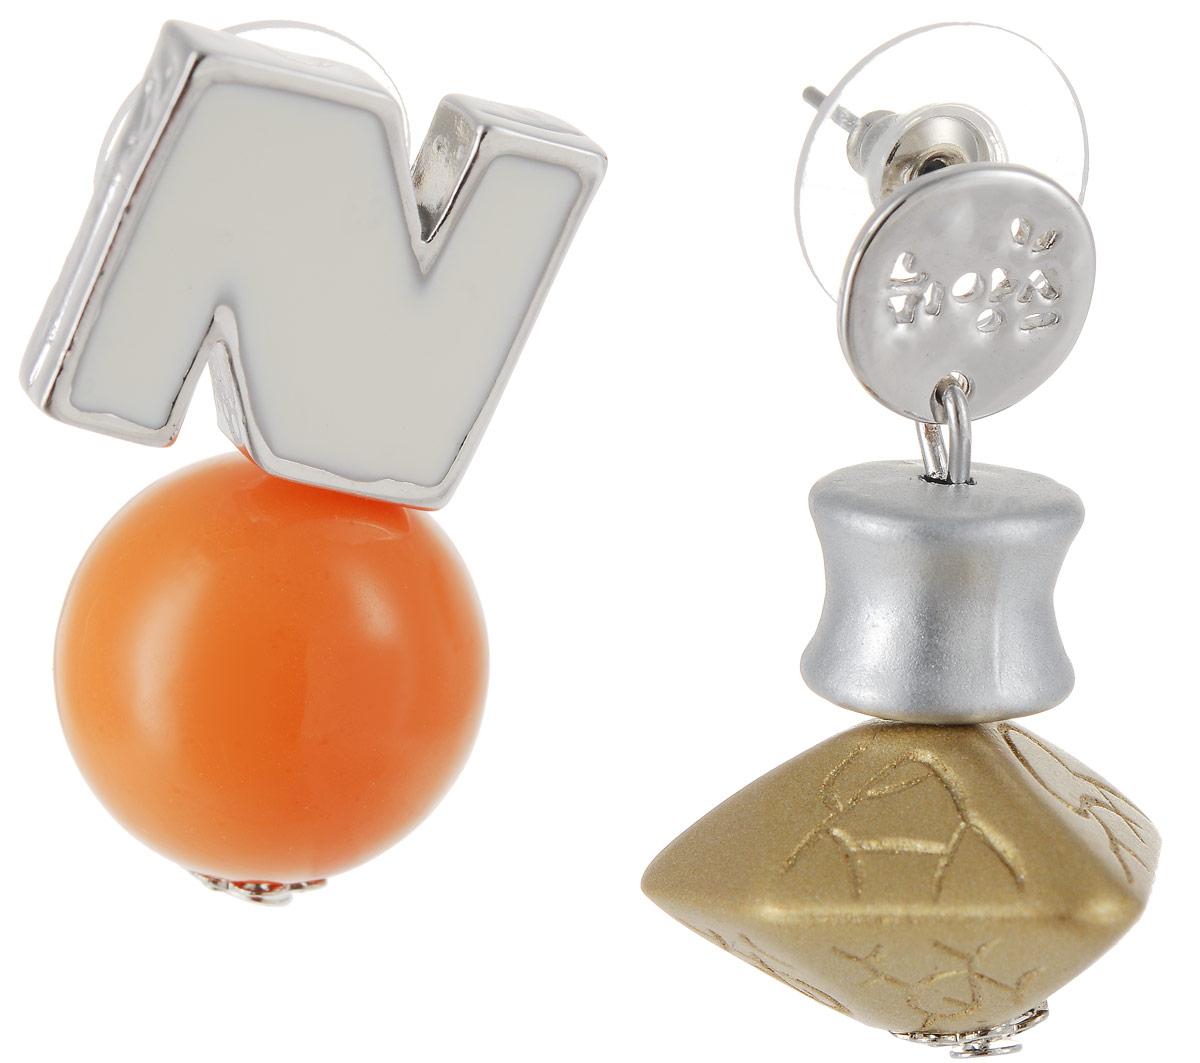 Серьги Art-Silver, цвет: серебряный, оранжевый. СРГО44-332СРГО44-332Стильные серьги Art-Silver выполнены из бижутерного сплава. Две серьги оформлены разными декоративными украшениями. Серьги выполнены с замками-гвоздиками. Такие серьги будут ярким дополнением вашего образа.